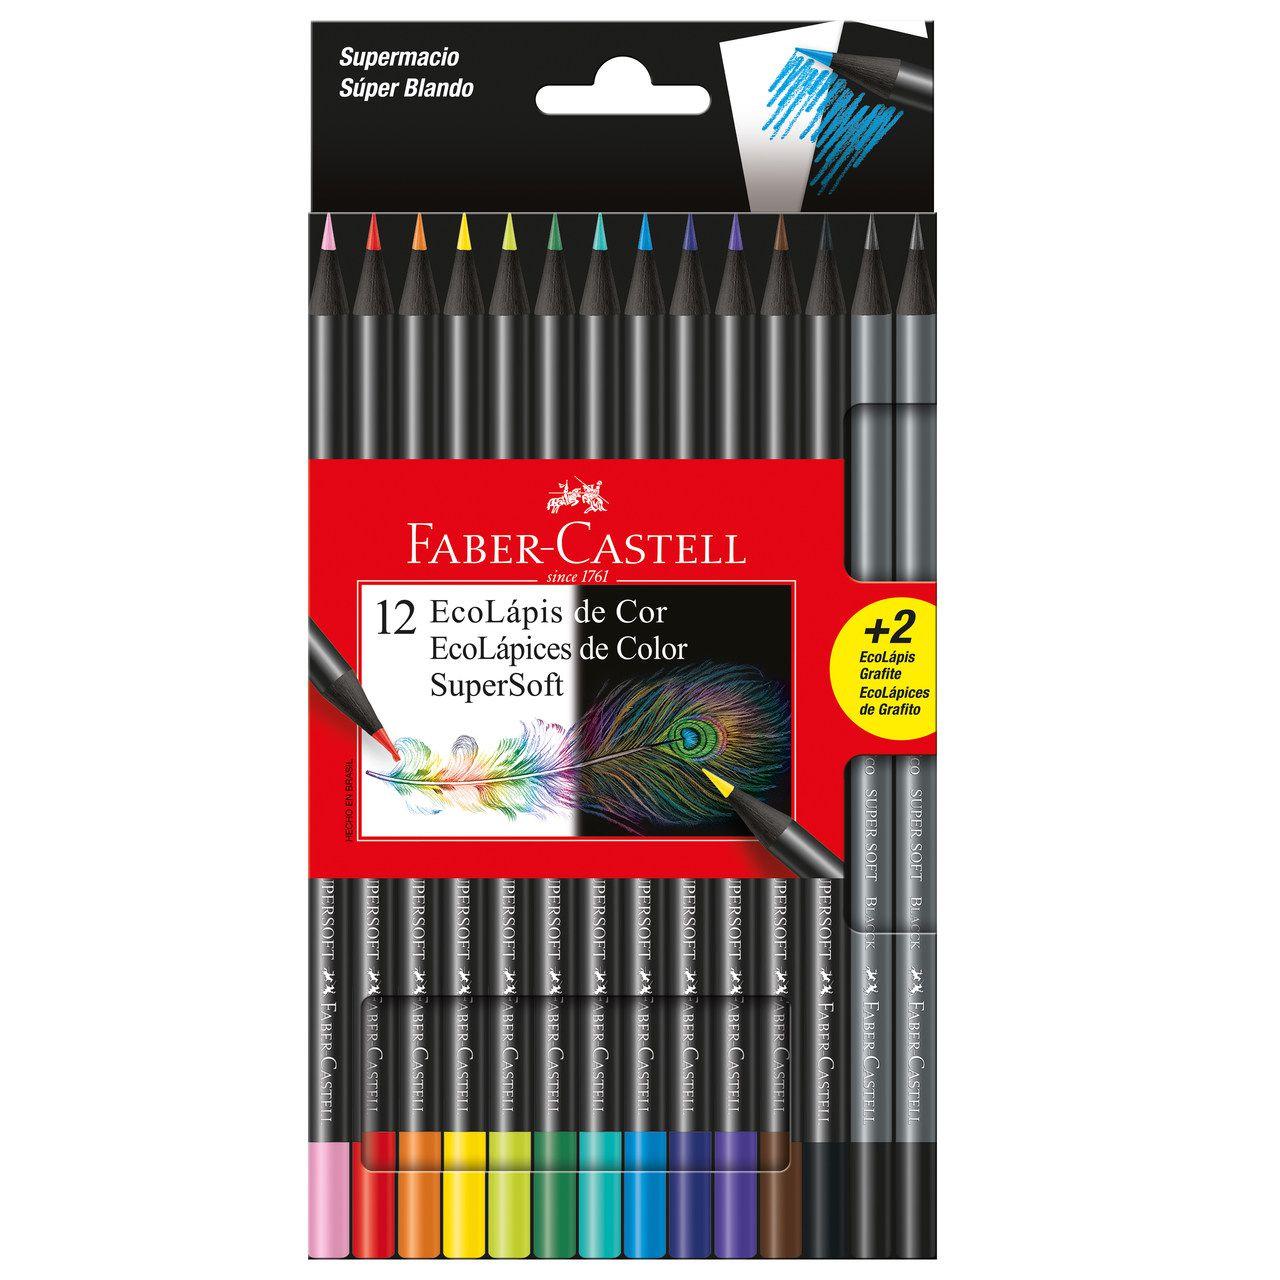 Lápis de cor 12 cores SUPERSOFT Faber-Castell